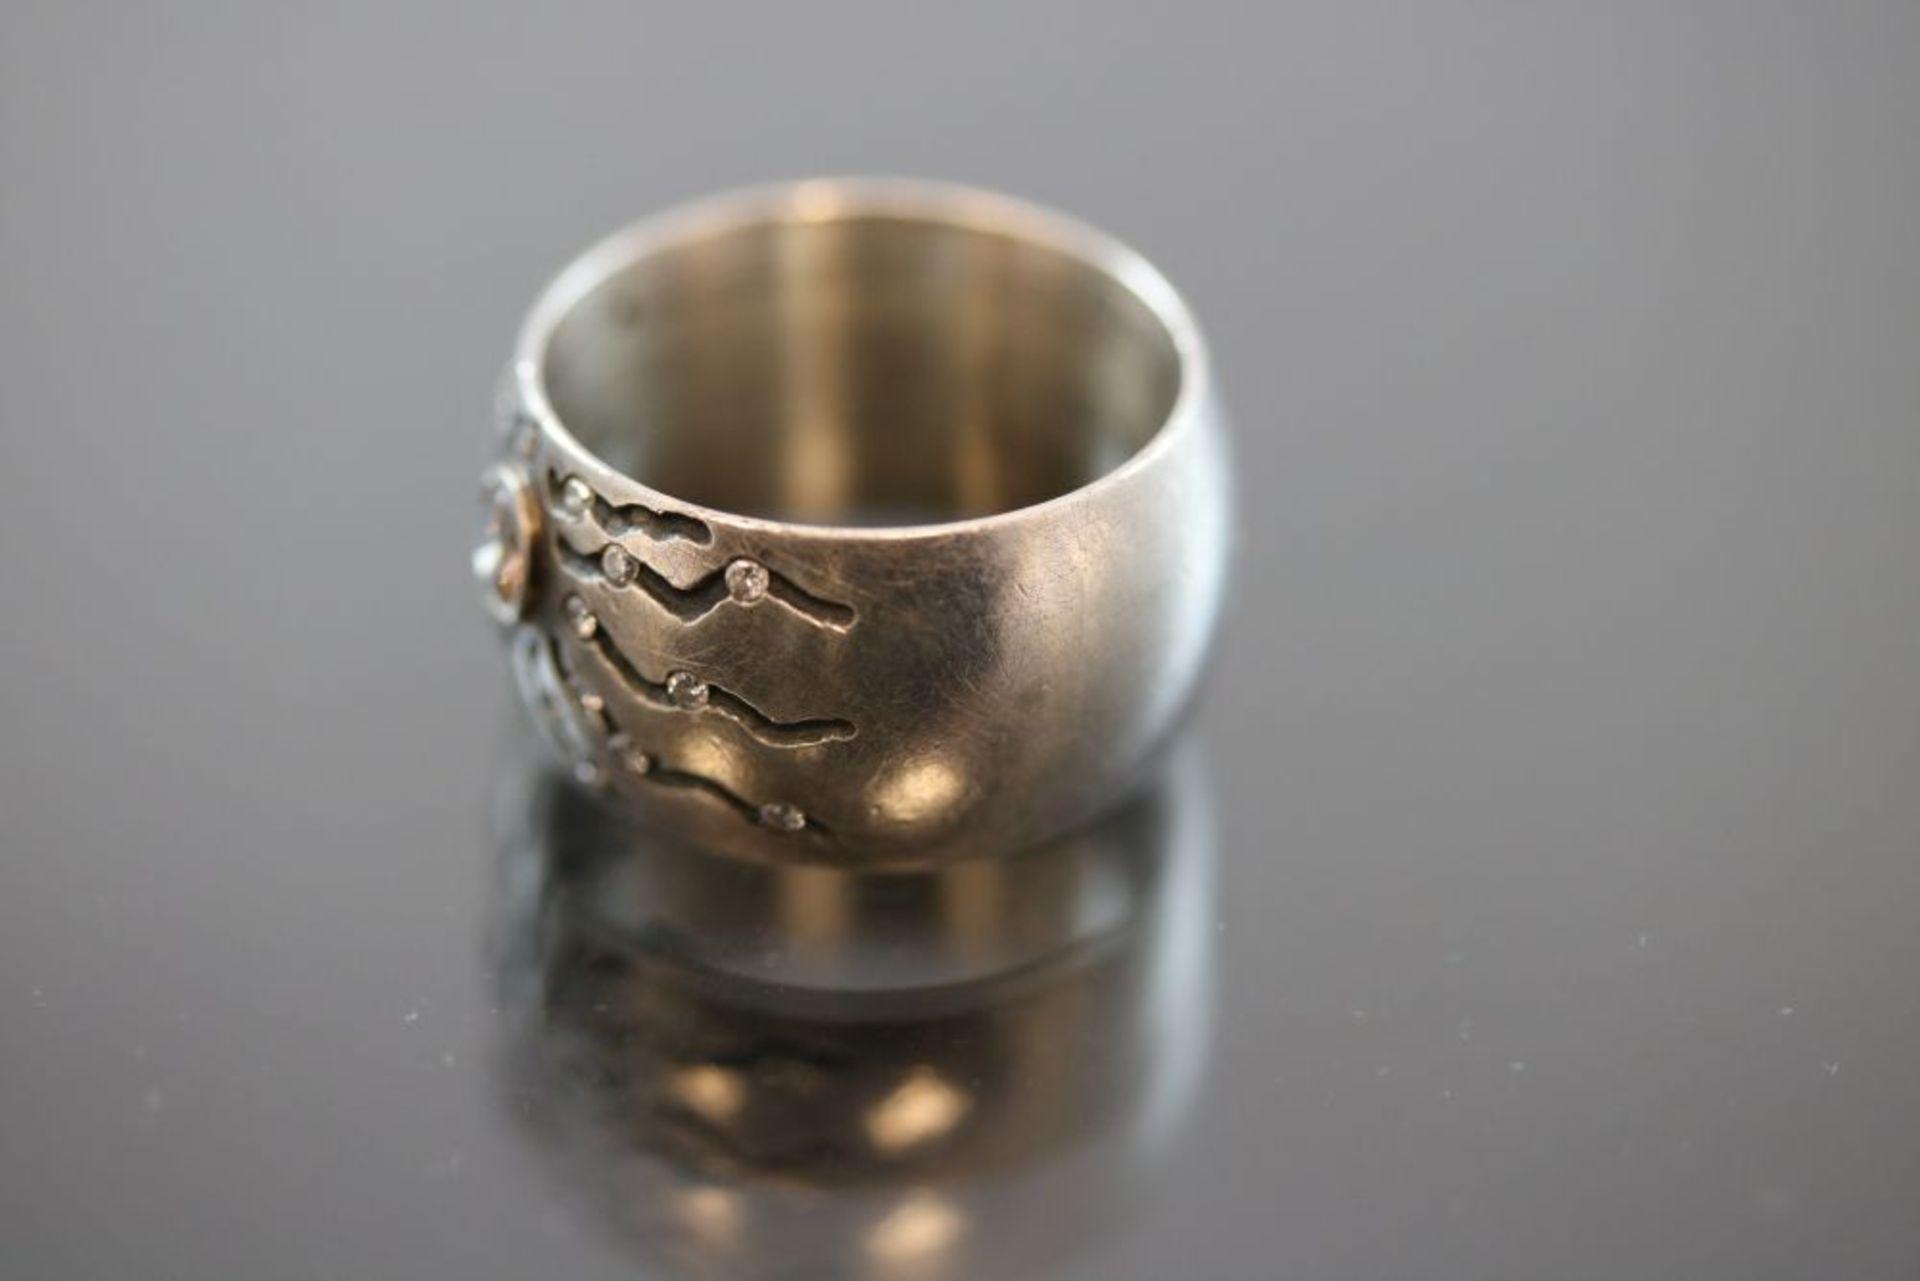 Brillant-Design-Ring, Silber/Gold - Bild 2 aus 3